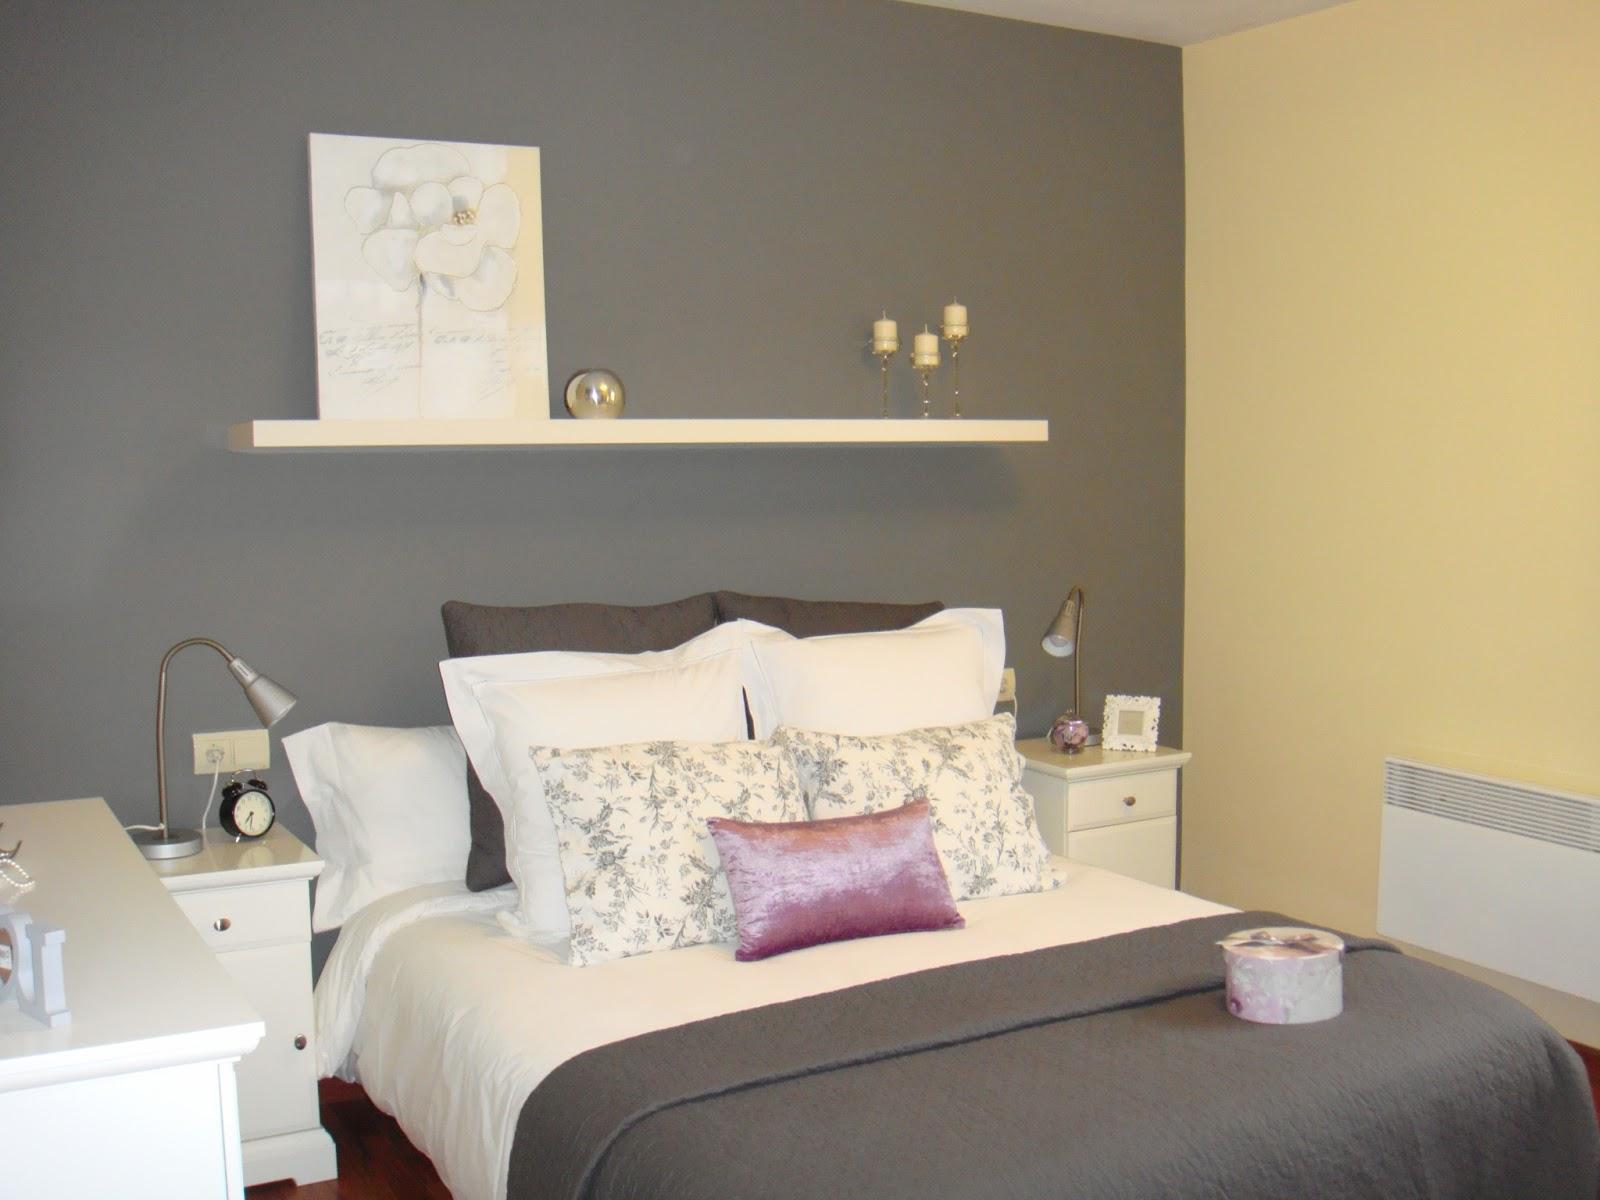 Con lim n y sal habitacion sorpresa - Pintura pared gris ...